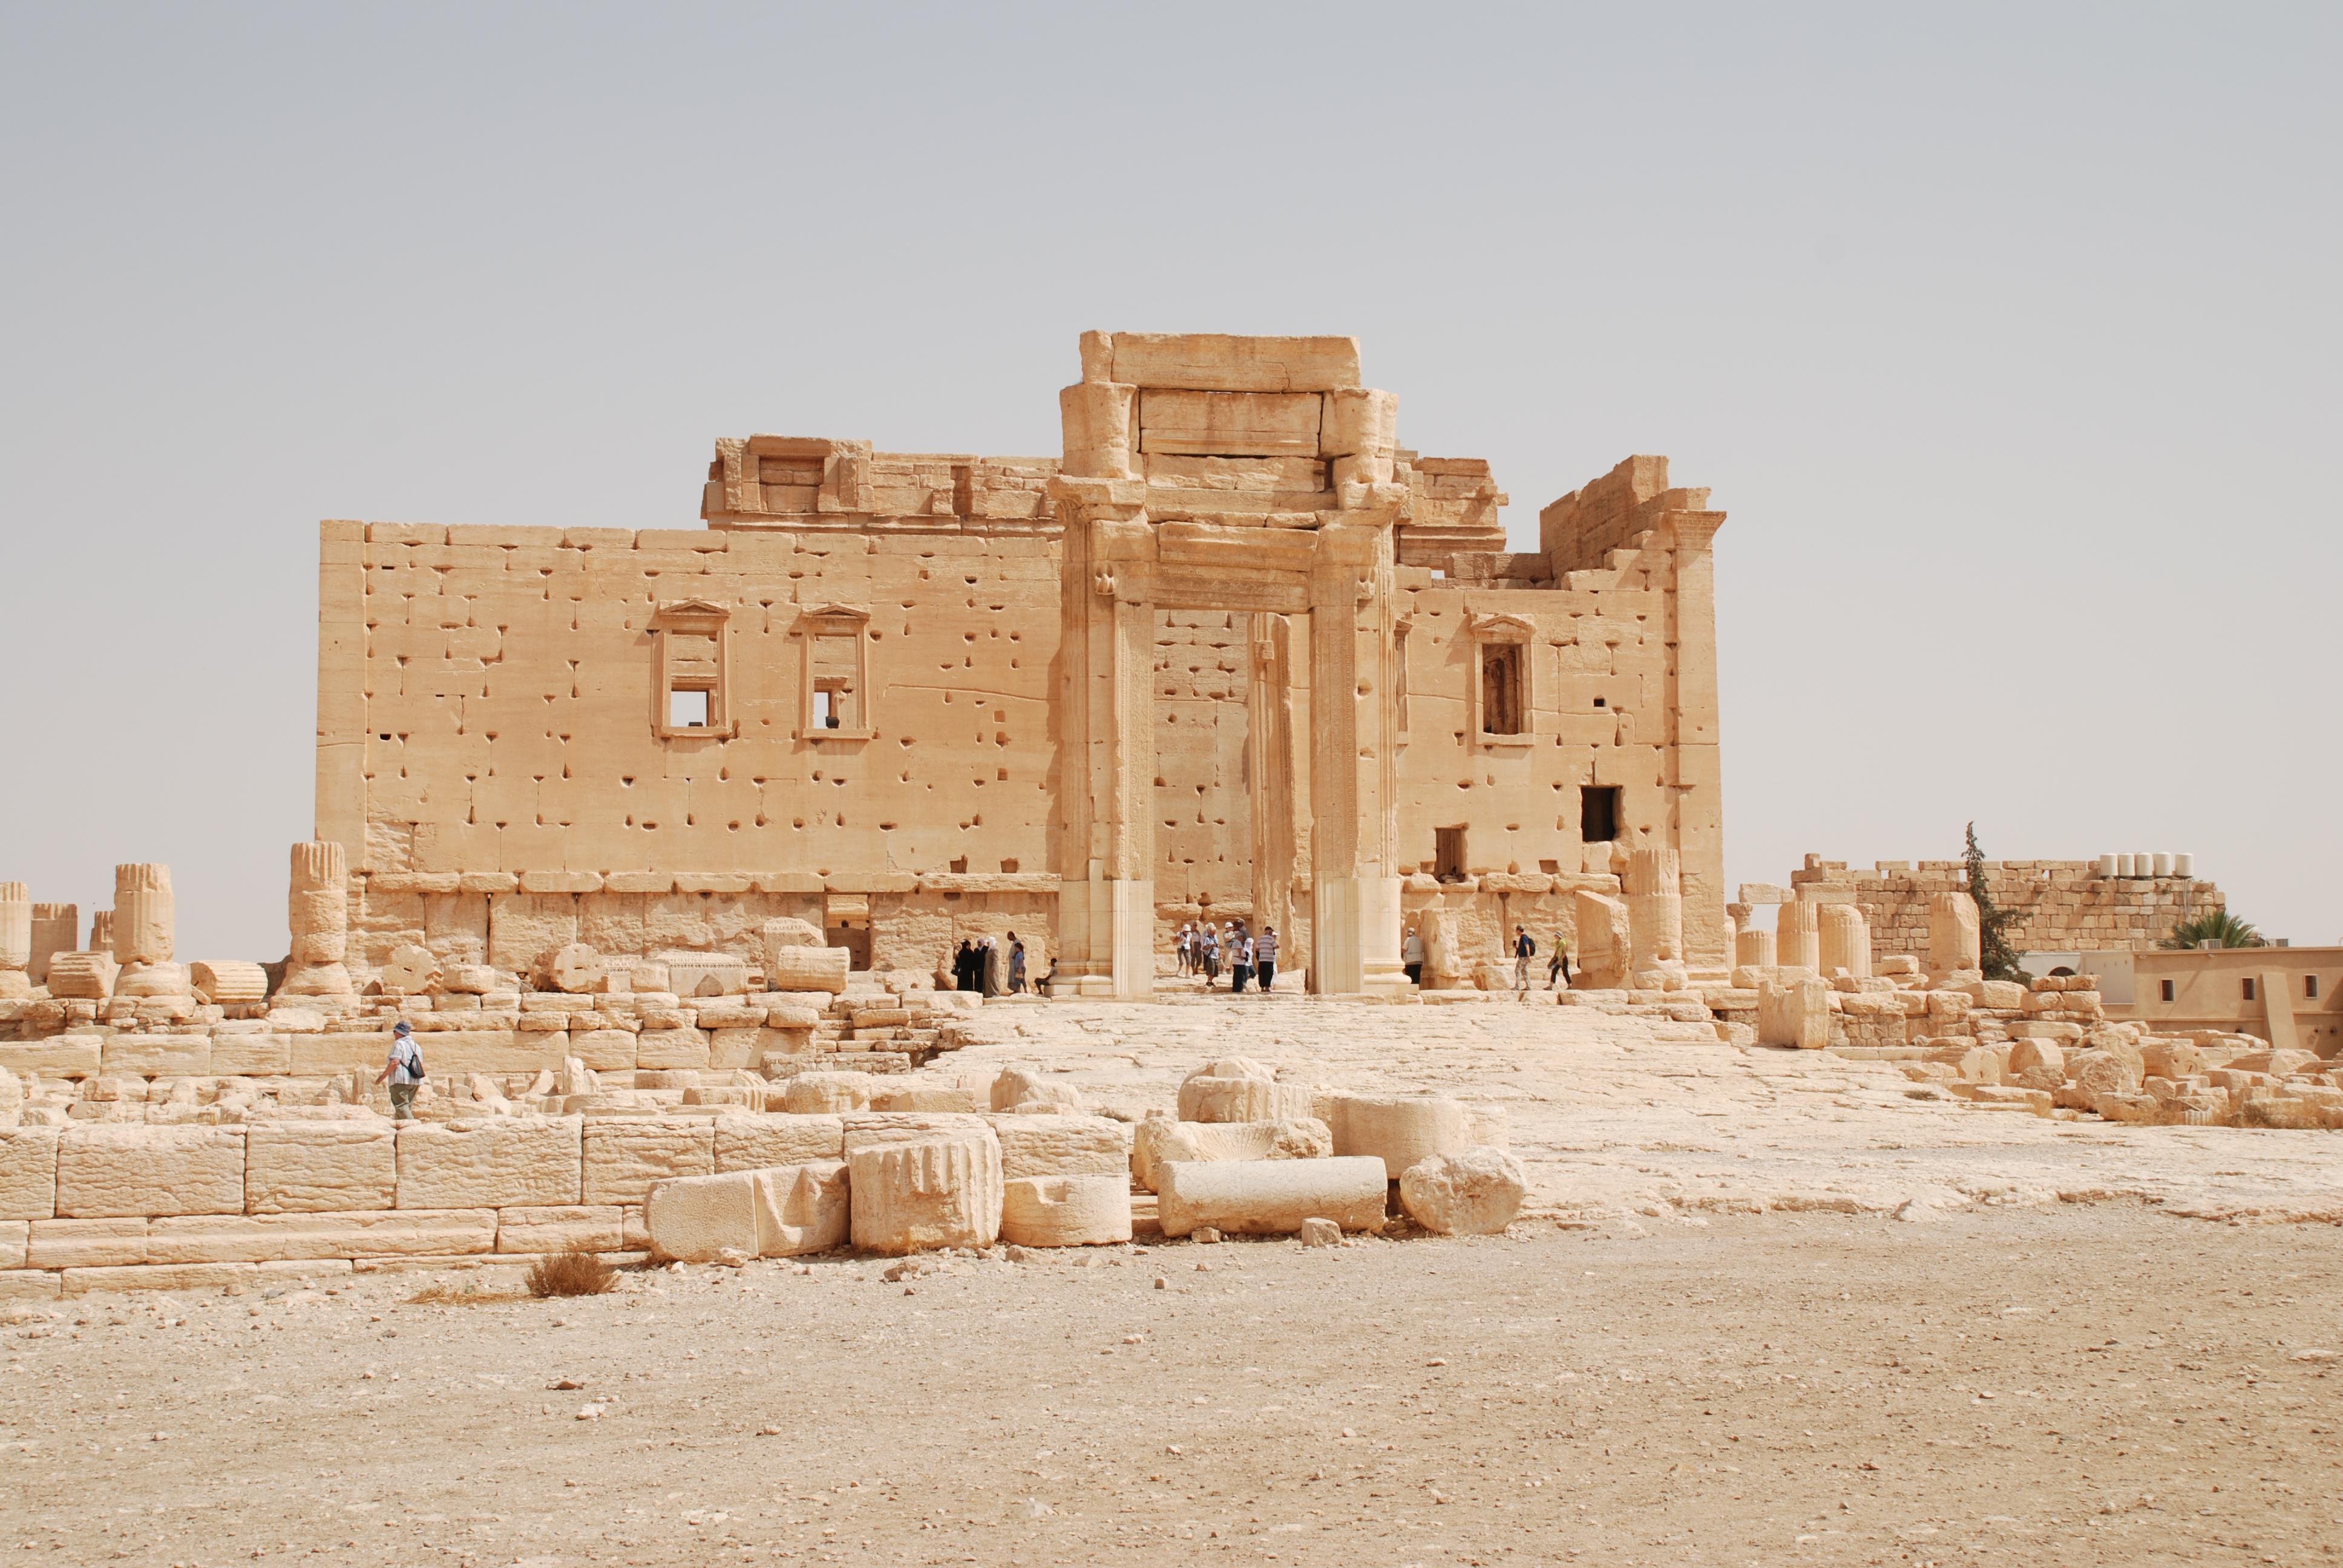 Vista del Templo de Palmira